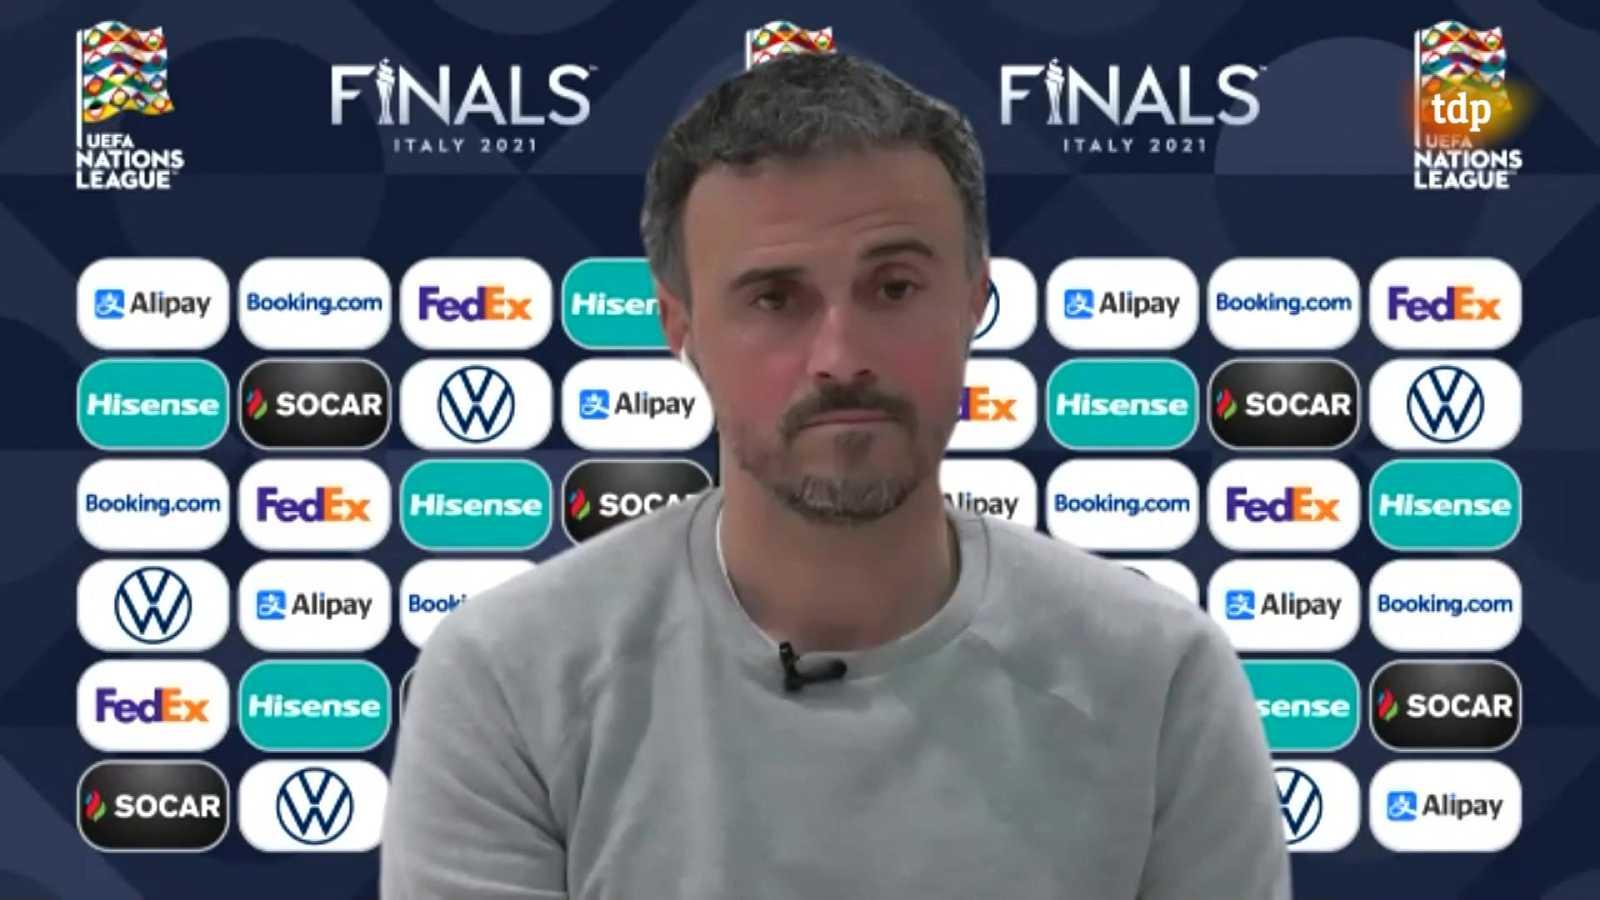 Fútbol - UEFA Nations League 2020. Entrevista Luis Enrique - ver ahora